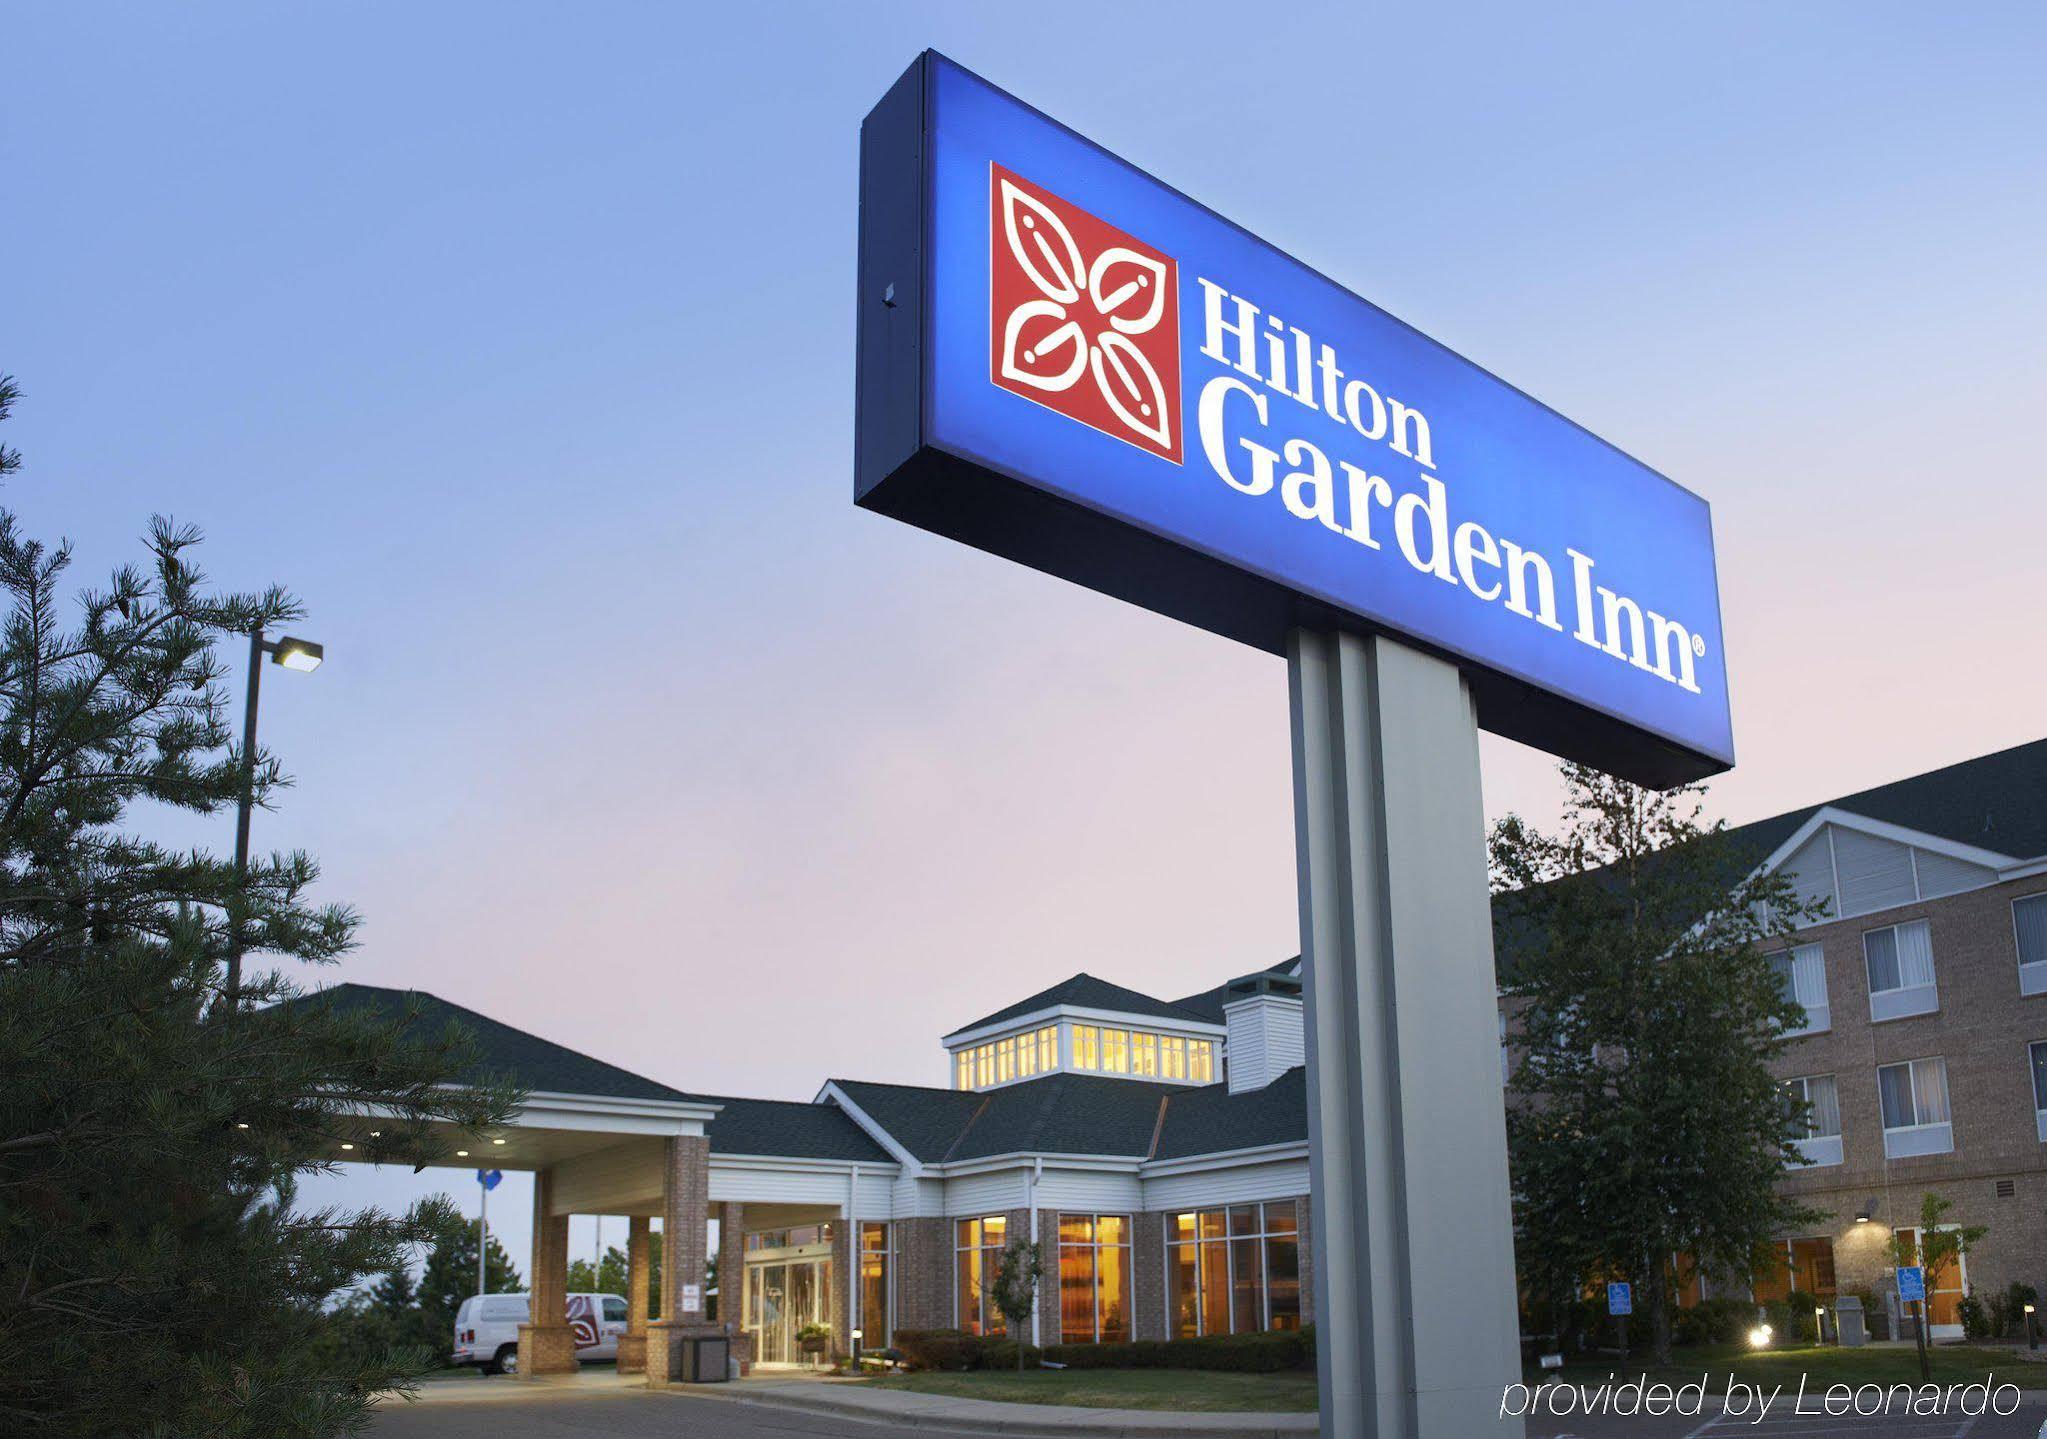 Hilton garden inn eden prairie eden prairie mn 6330 - Hilton garden inn minneapolis eden prairie ...